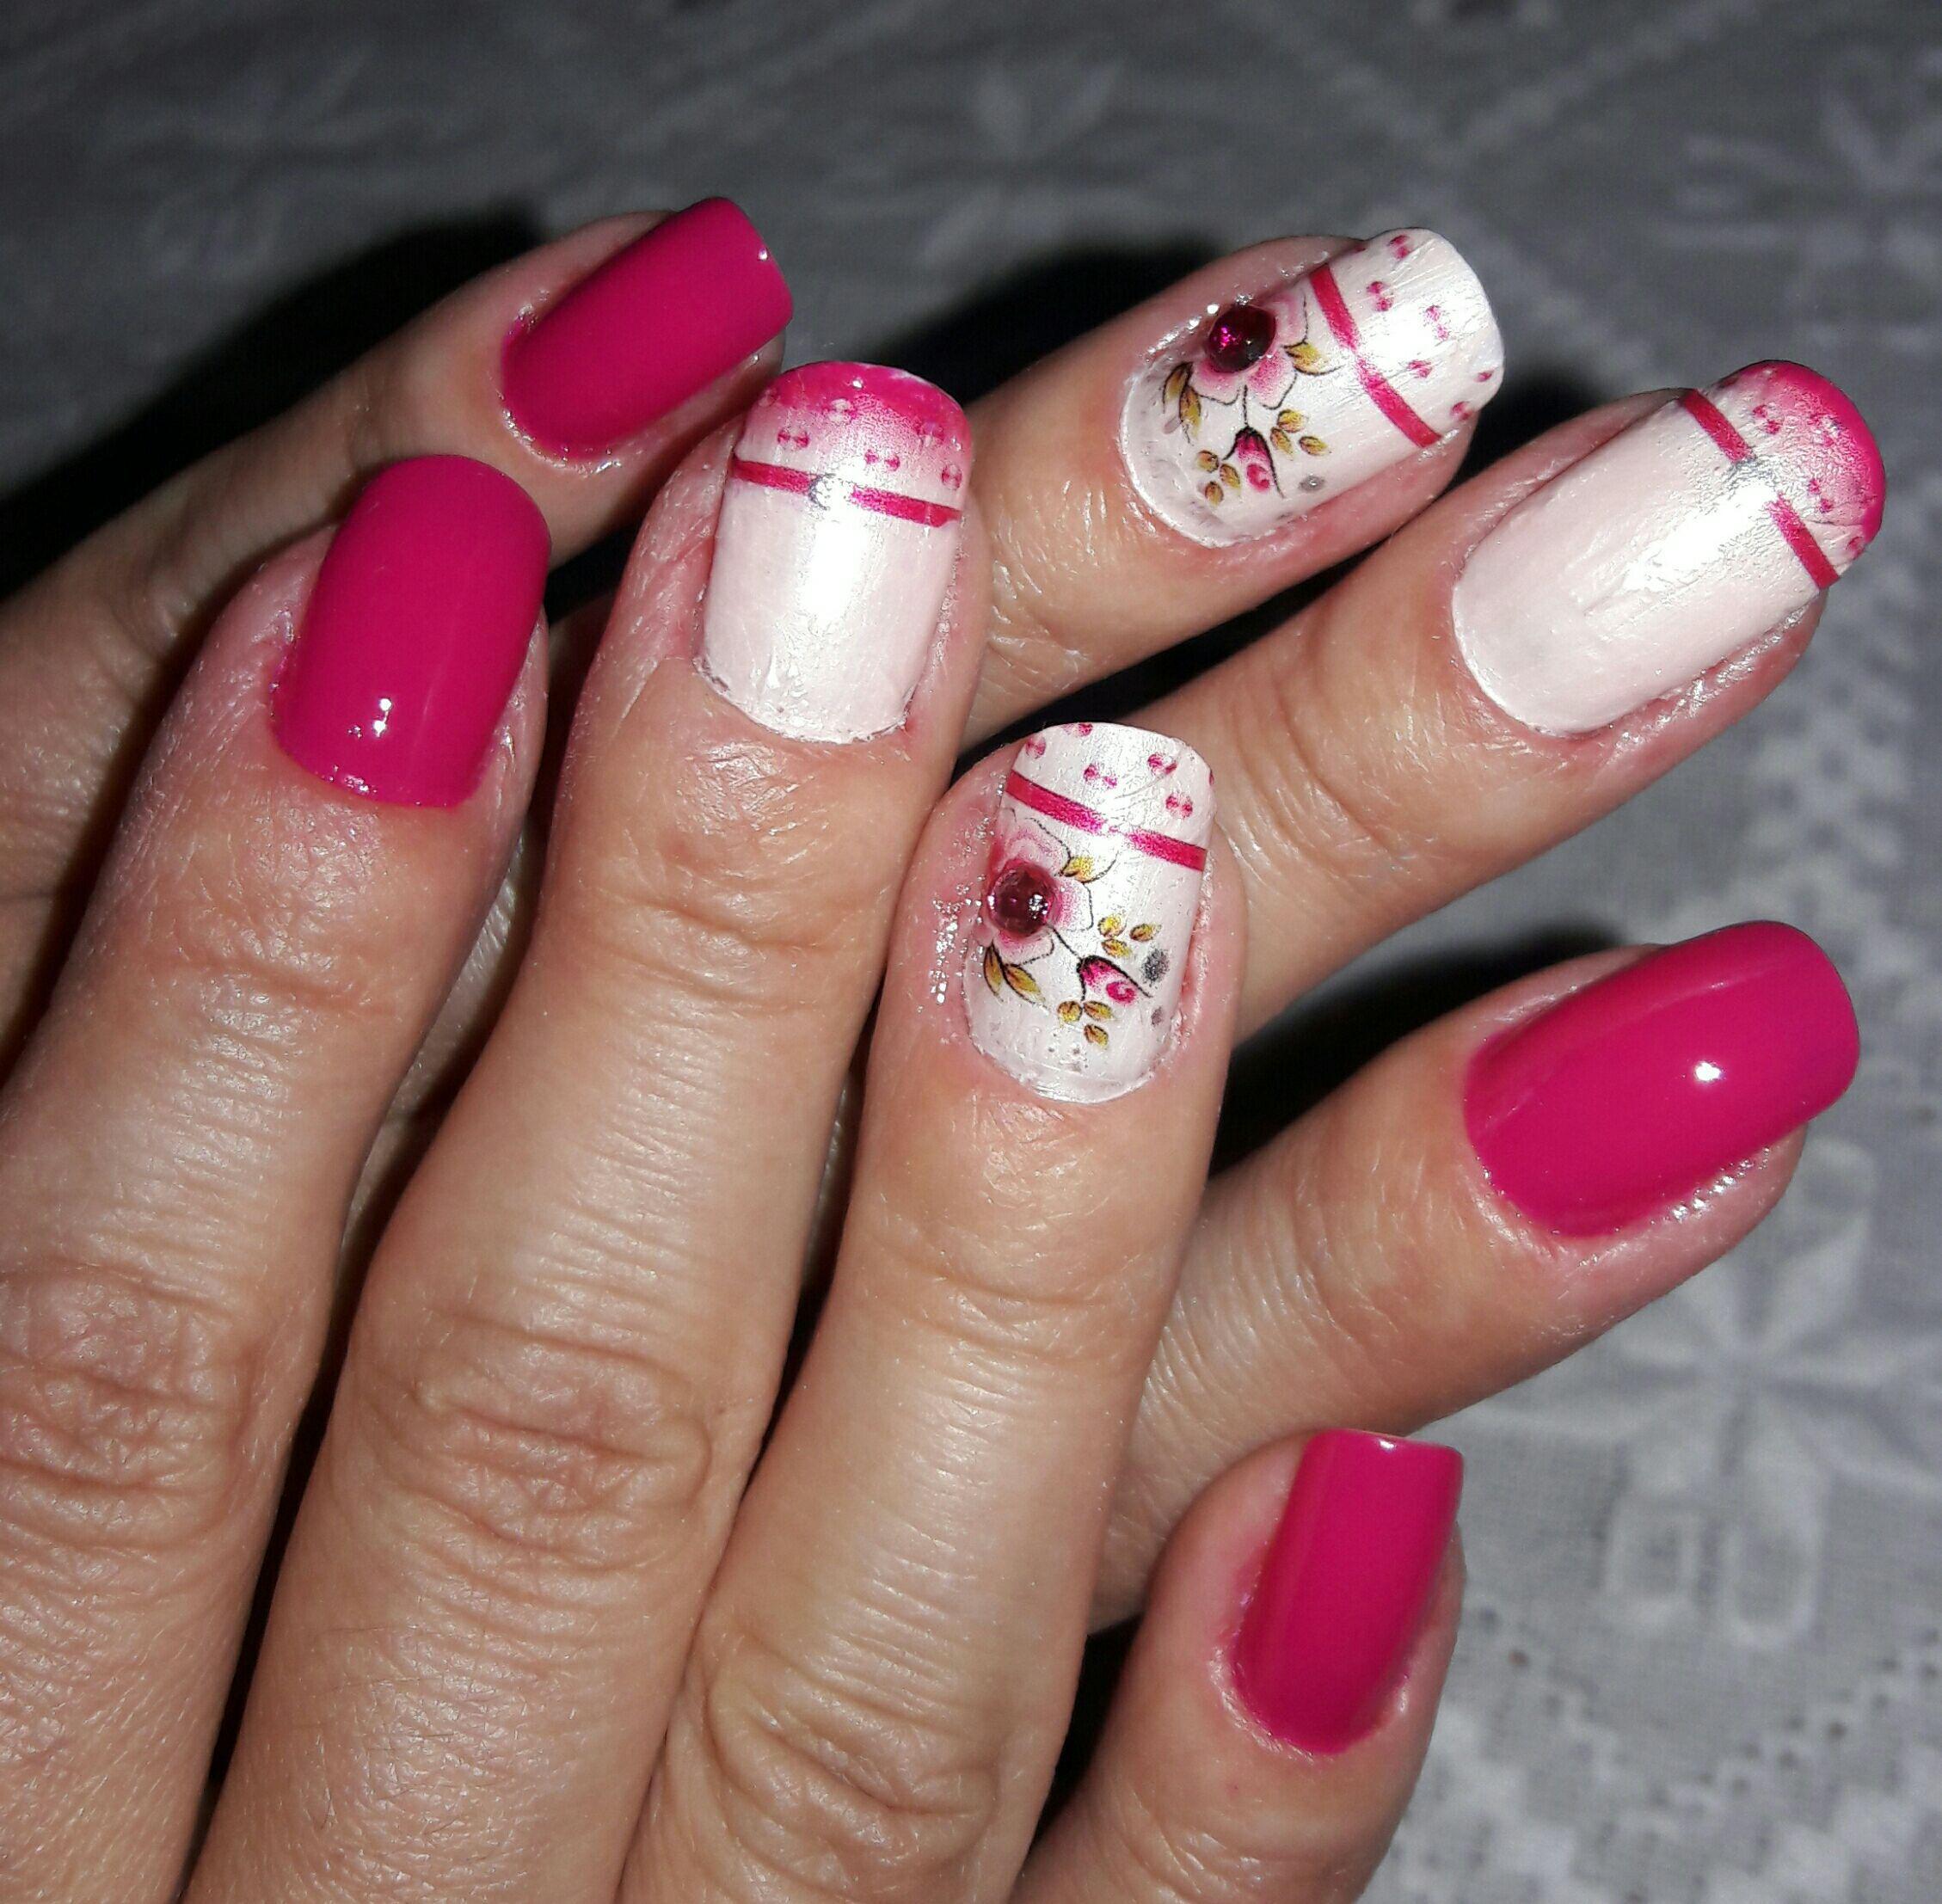 unha manicure e pedicure manicure e pedicure cabeleireiro(a) auxiliar cabeleireiro(a)